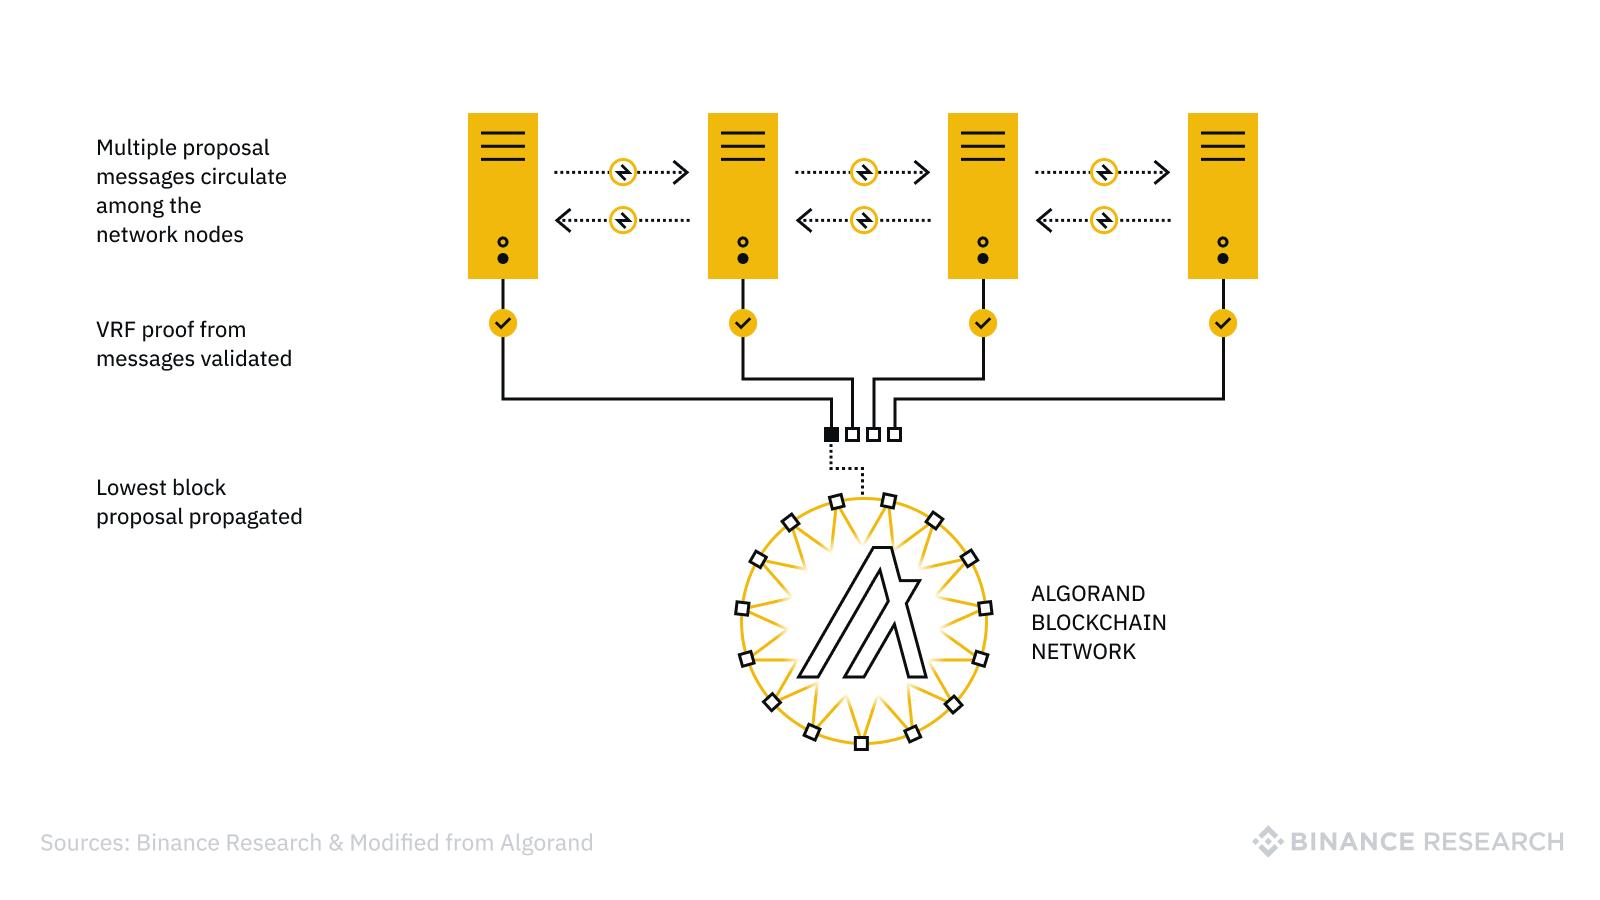 تایید VRF پروپوزالها برای رمز ارز ALGO